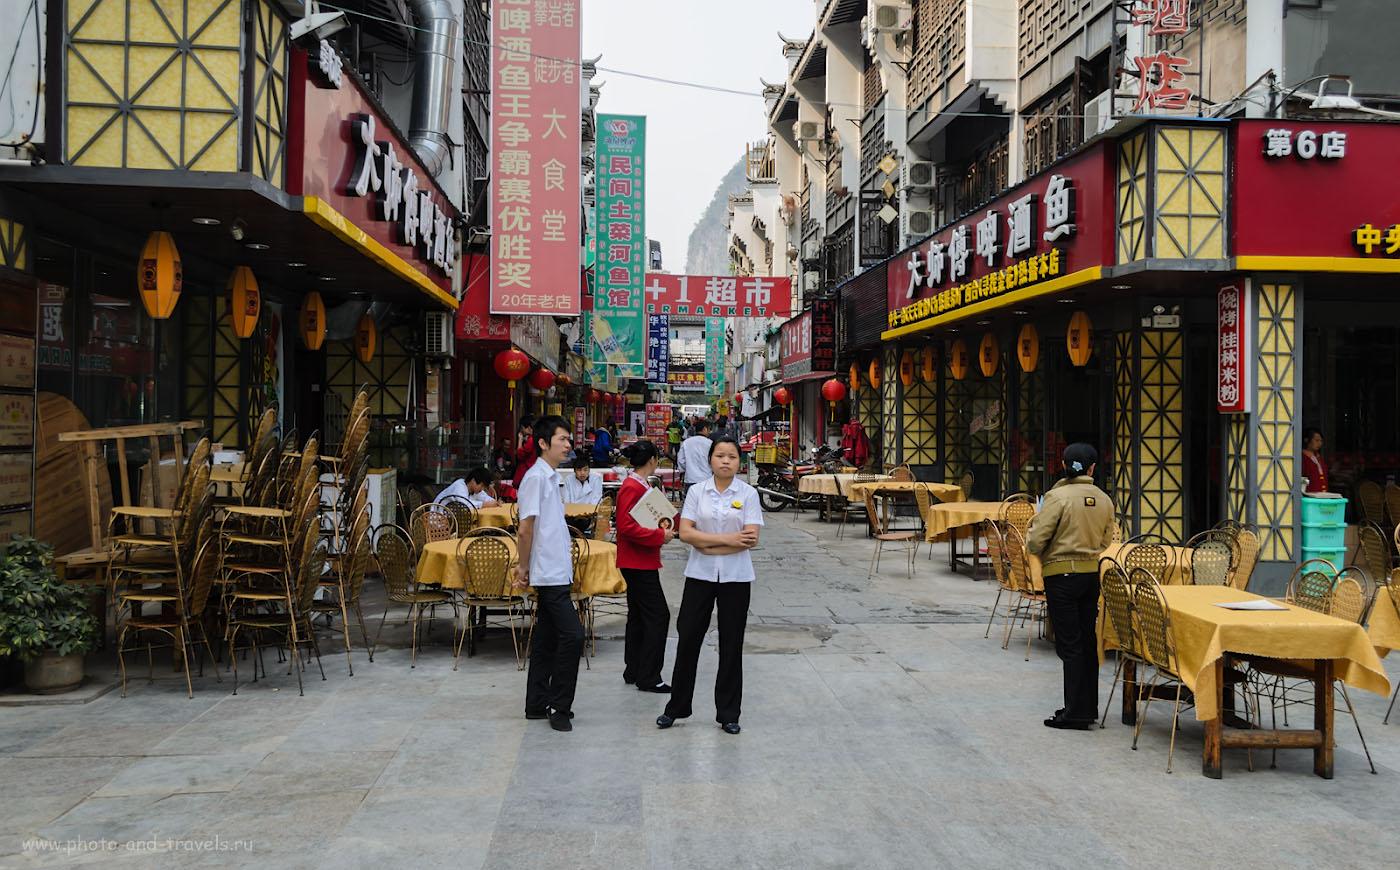 Фото 1. Квартал с ресторанами для туристов в деревне Яншо (Yangshuo). Мы ели в другом месте. Отзыв о путешествии по Китаю самостоятельно. Все фото сняты на любительскую зеркалку Nikon D5100 KIT 18-55. Настройки: 1/200 сек., диафрагма f/5.0, ISO 100, фокусное расстояние 18 мм.